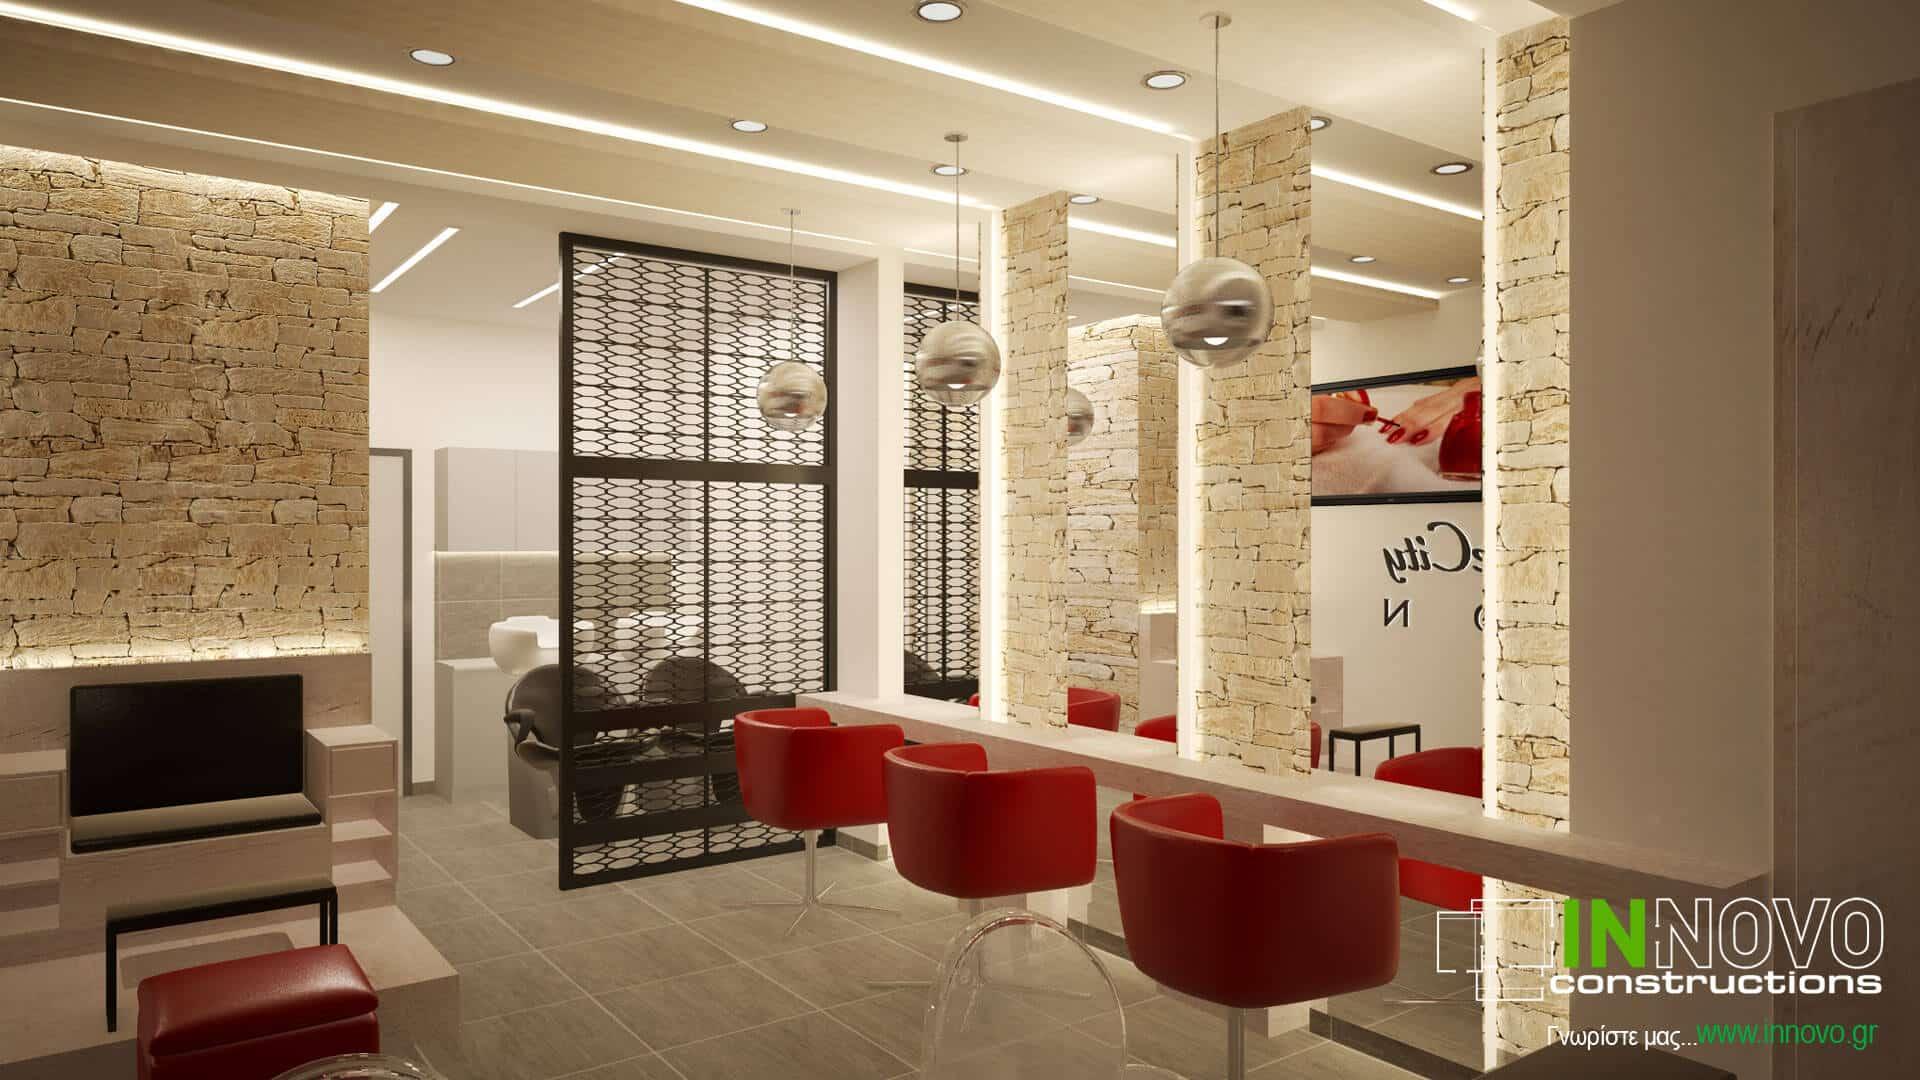 diakosmisi-kommotiriou-hairdressers-design-beautyinthecity-ag.dimitrios-2037-5